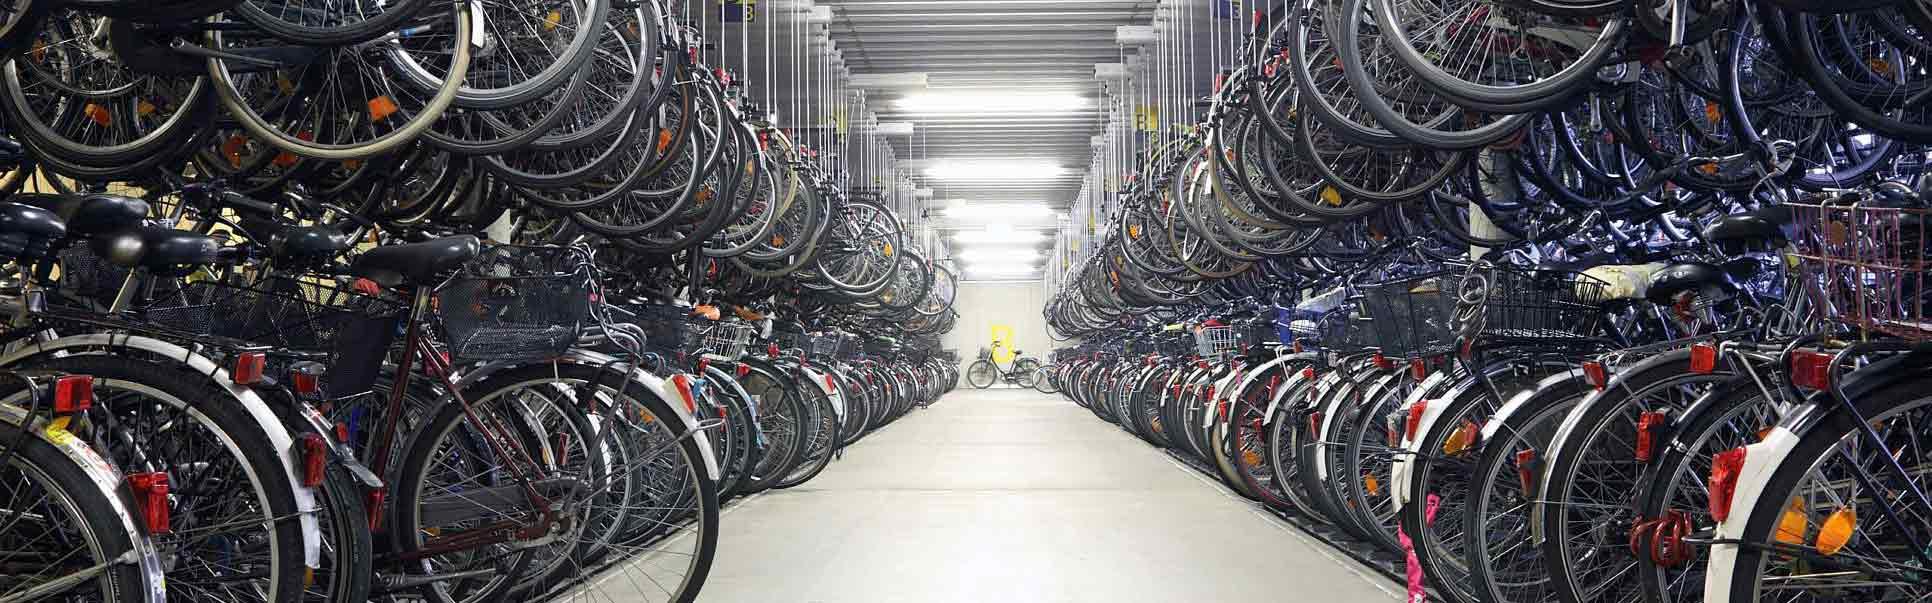 міжсезонне зберігання велосипедів, зимове зберігання велосипедів